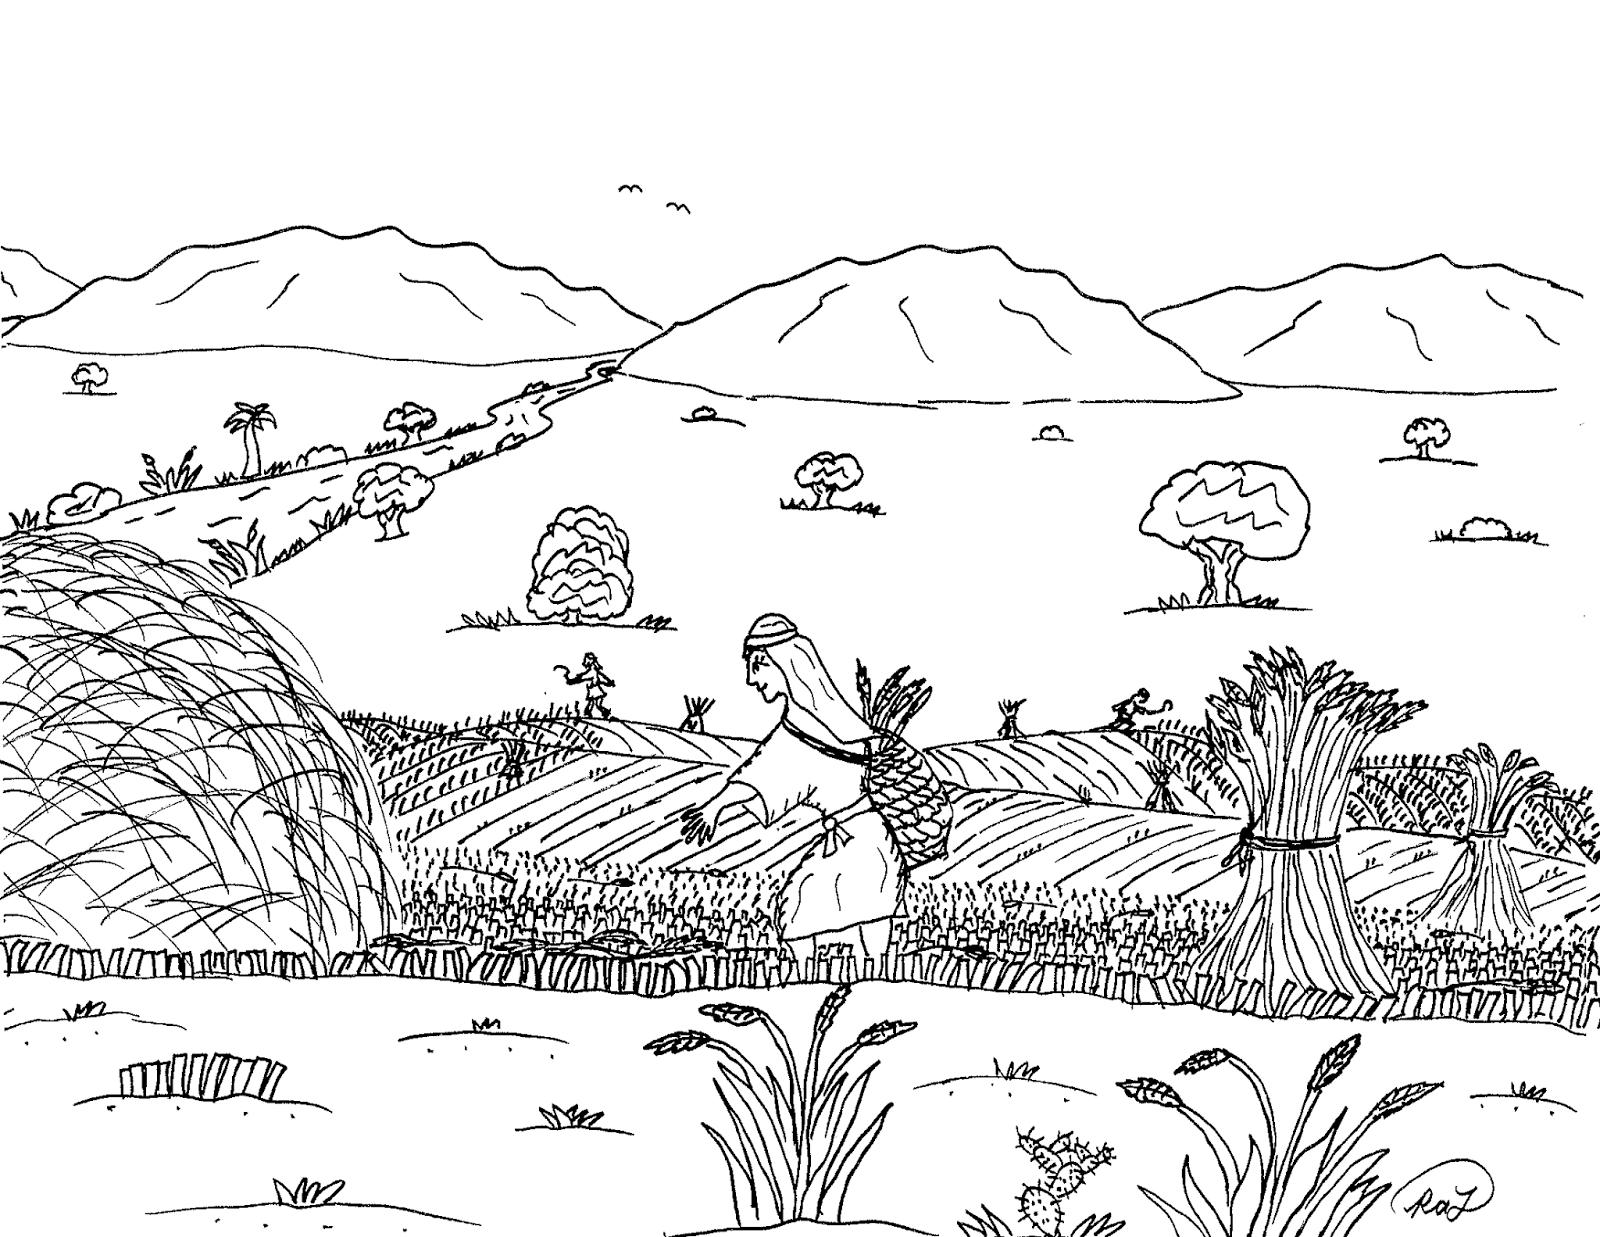 Tranh tô màu cánh đồng lúa